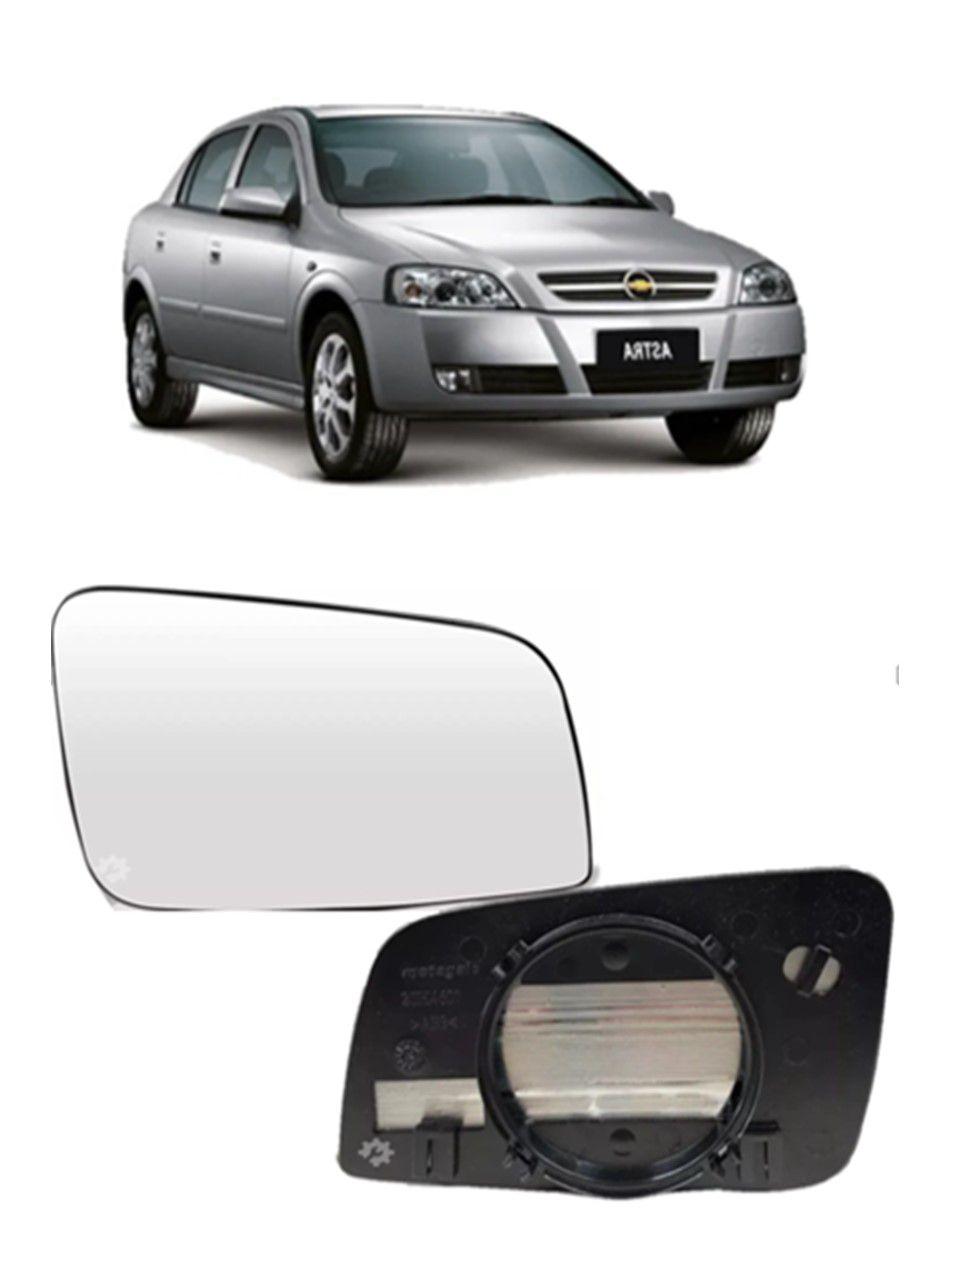 Lente base Retrovisor Direito Chevrolet Astra 1999 2007